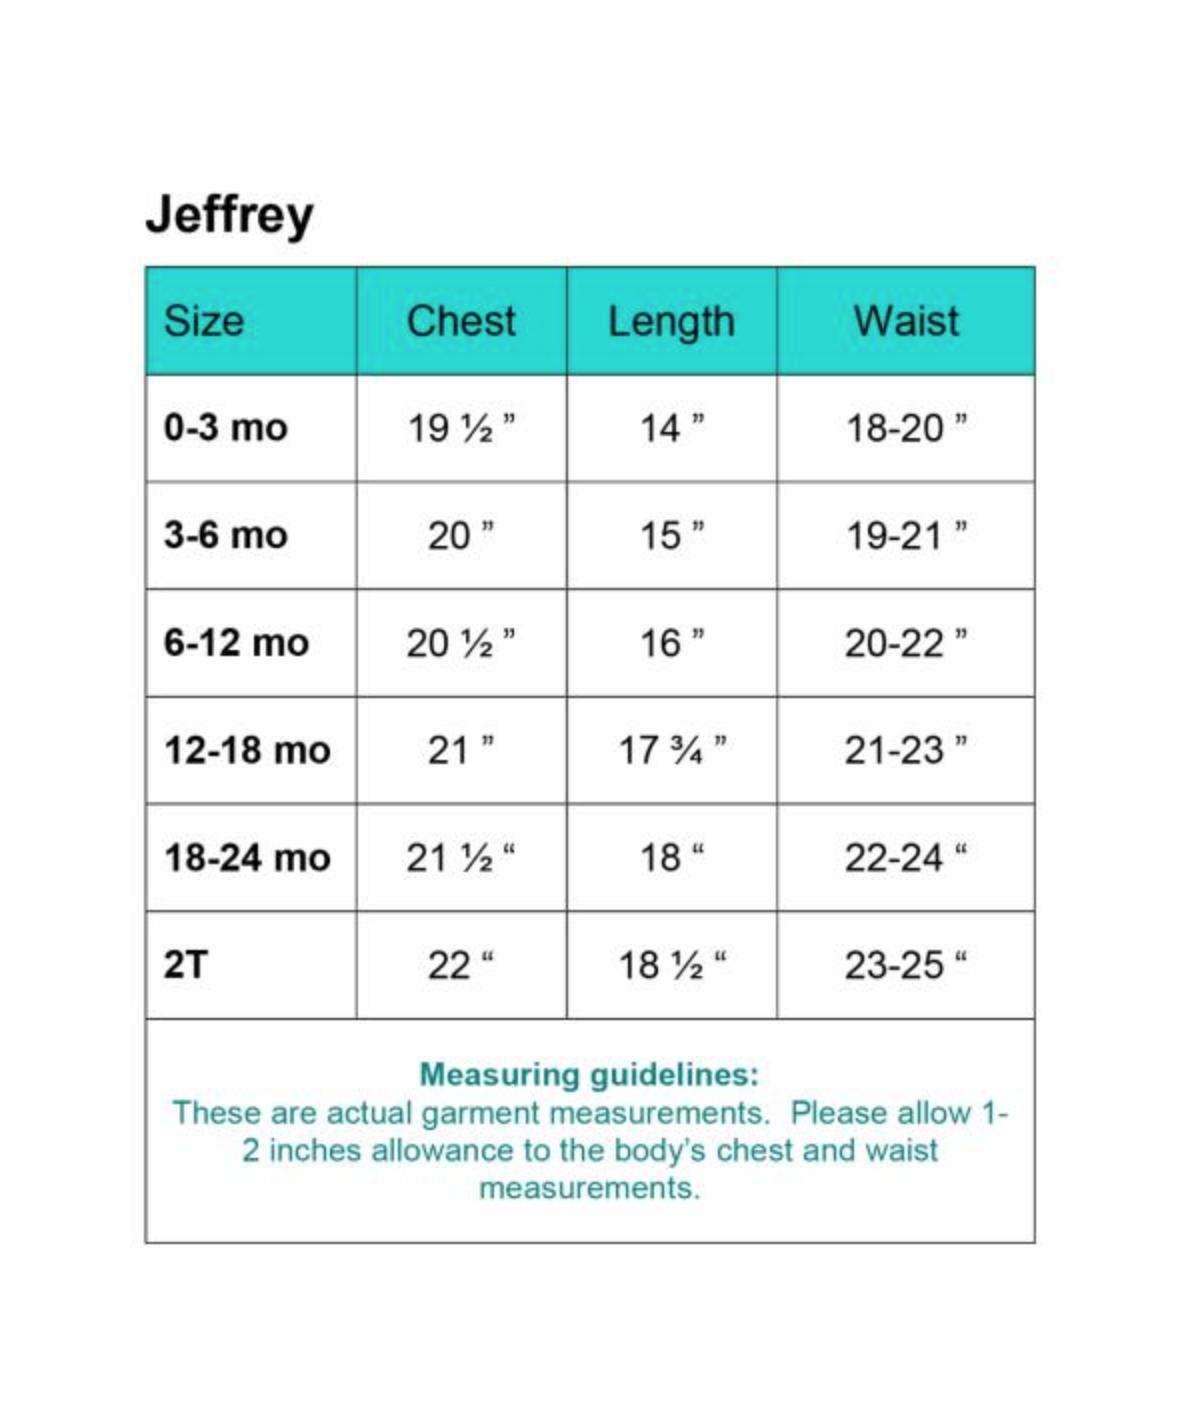 sizing-chart-jeffery.png